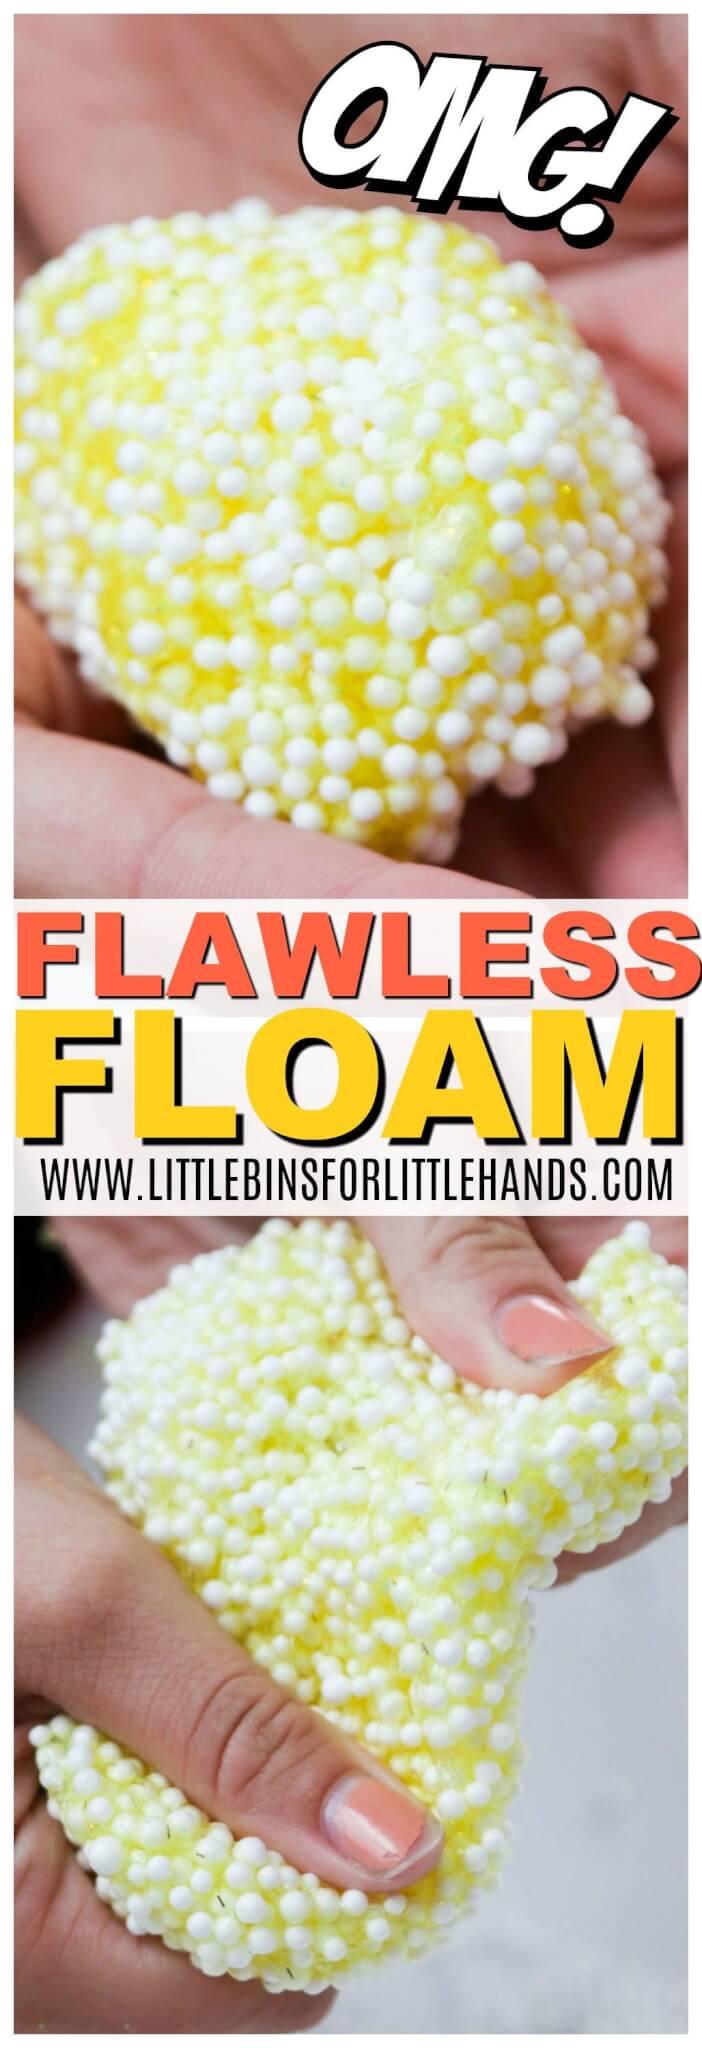 floam - how to make floam with a DIY floam slime recipe